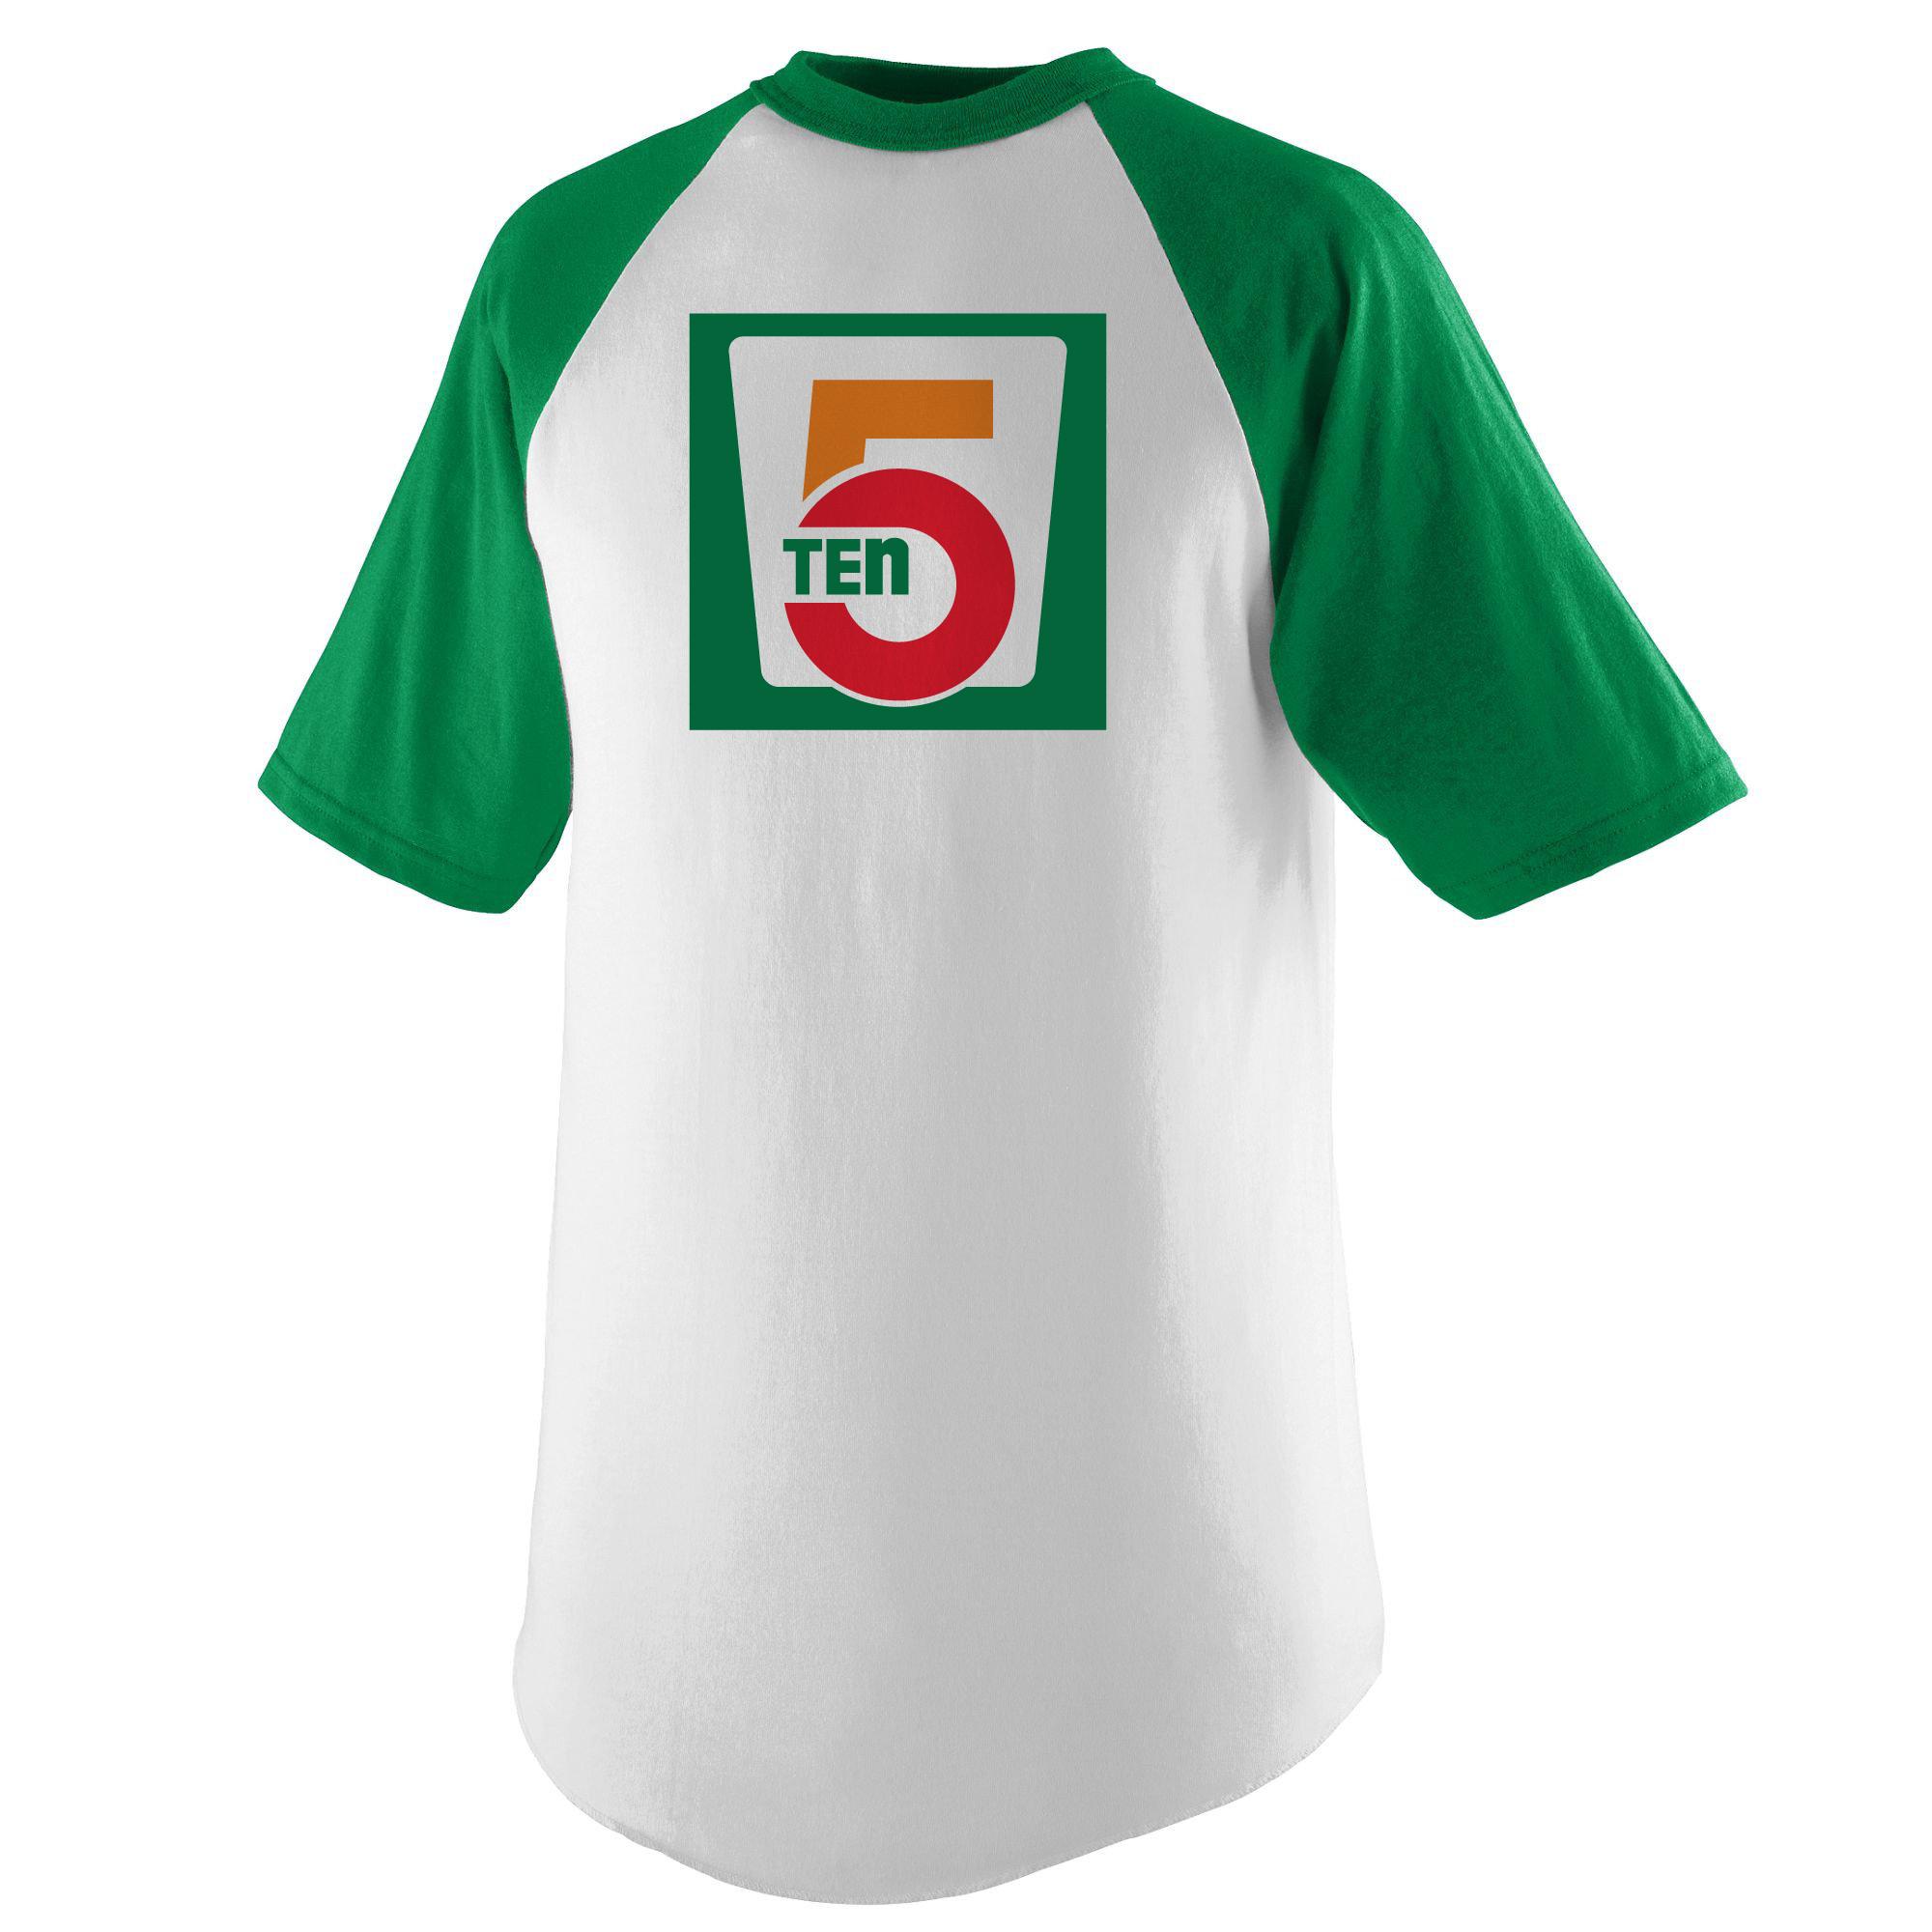 5 Ten Short Sleeve Baseball T-Shirt - Kinfoak 09726e935d01